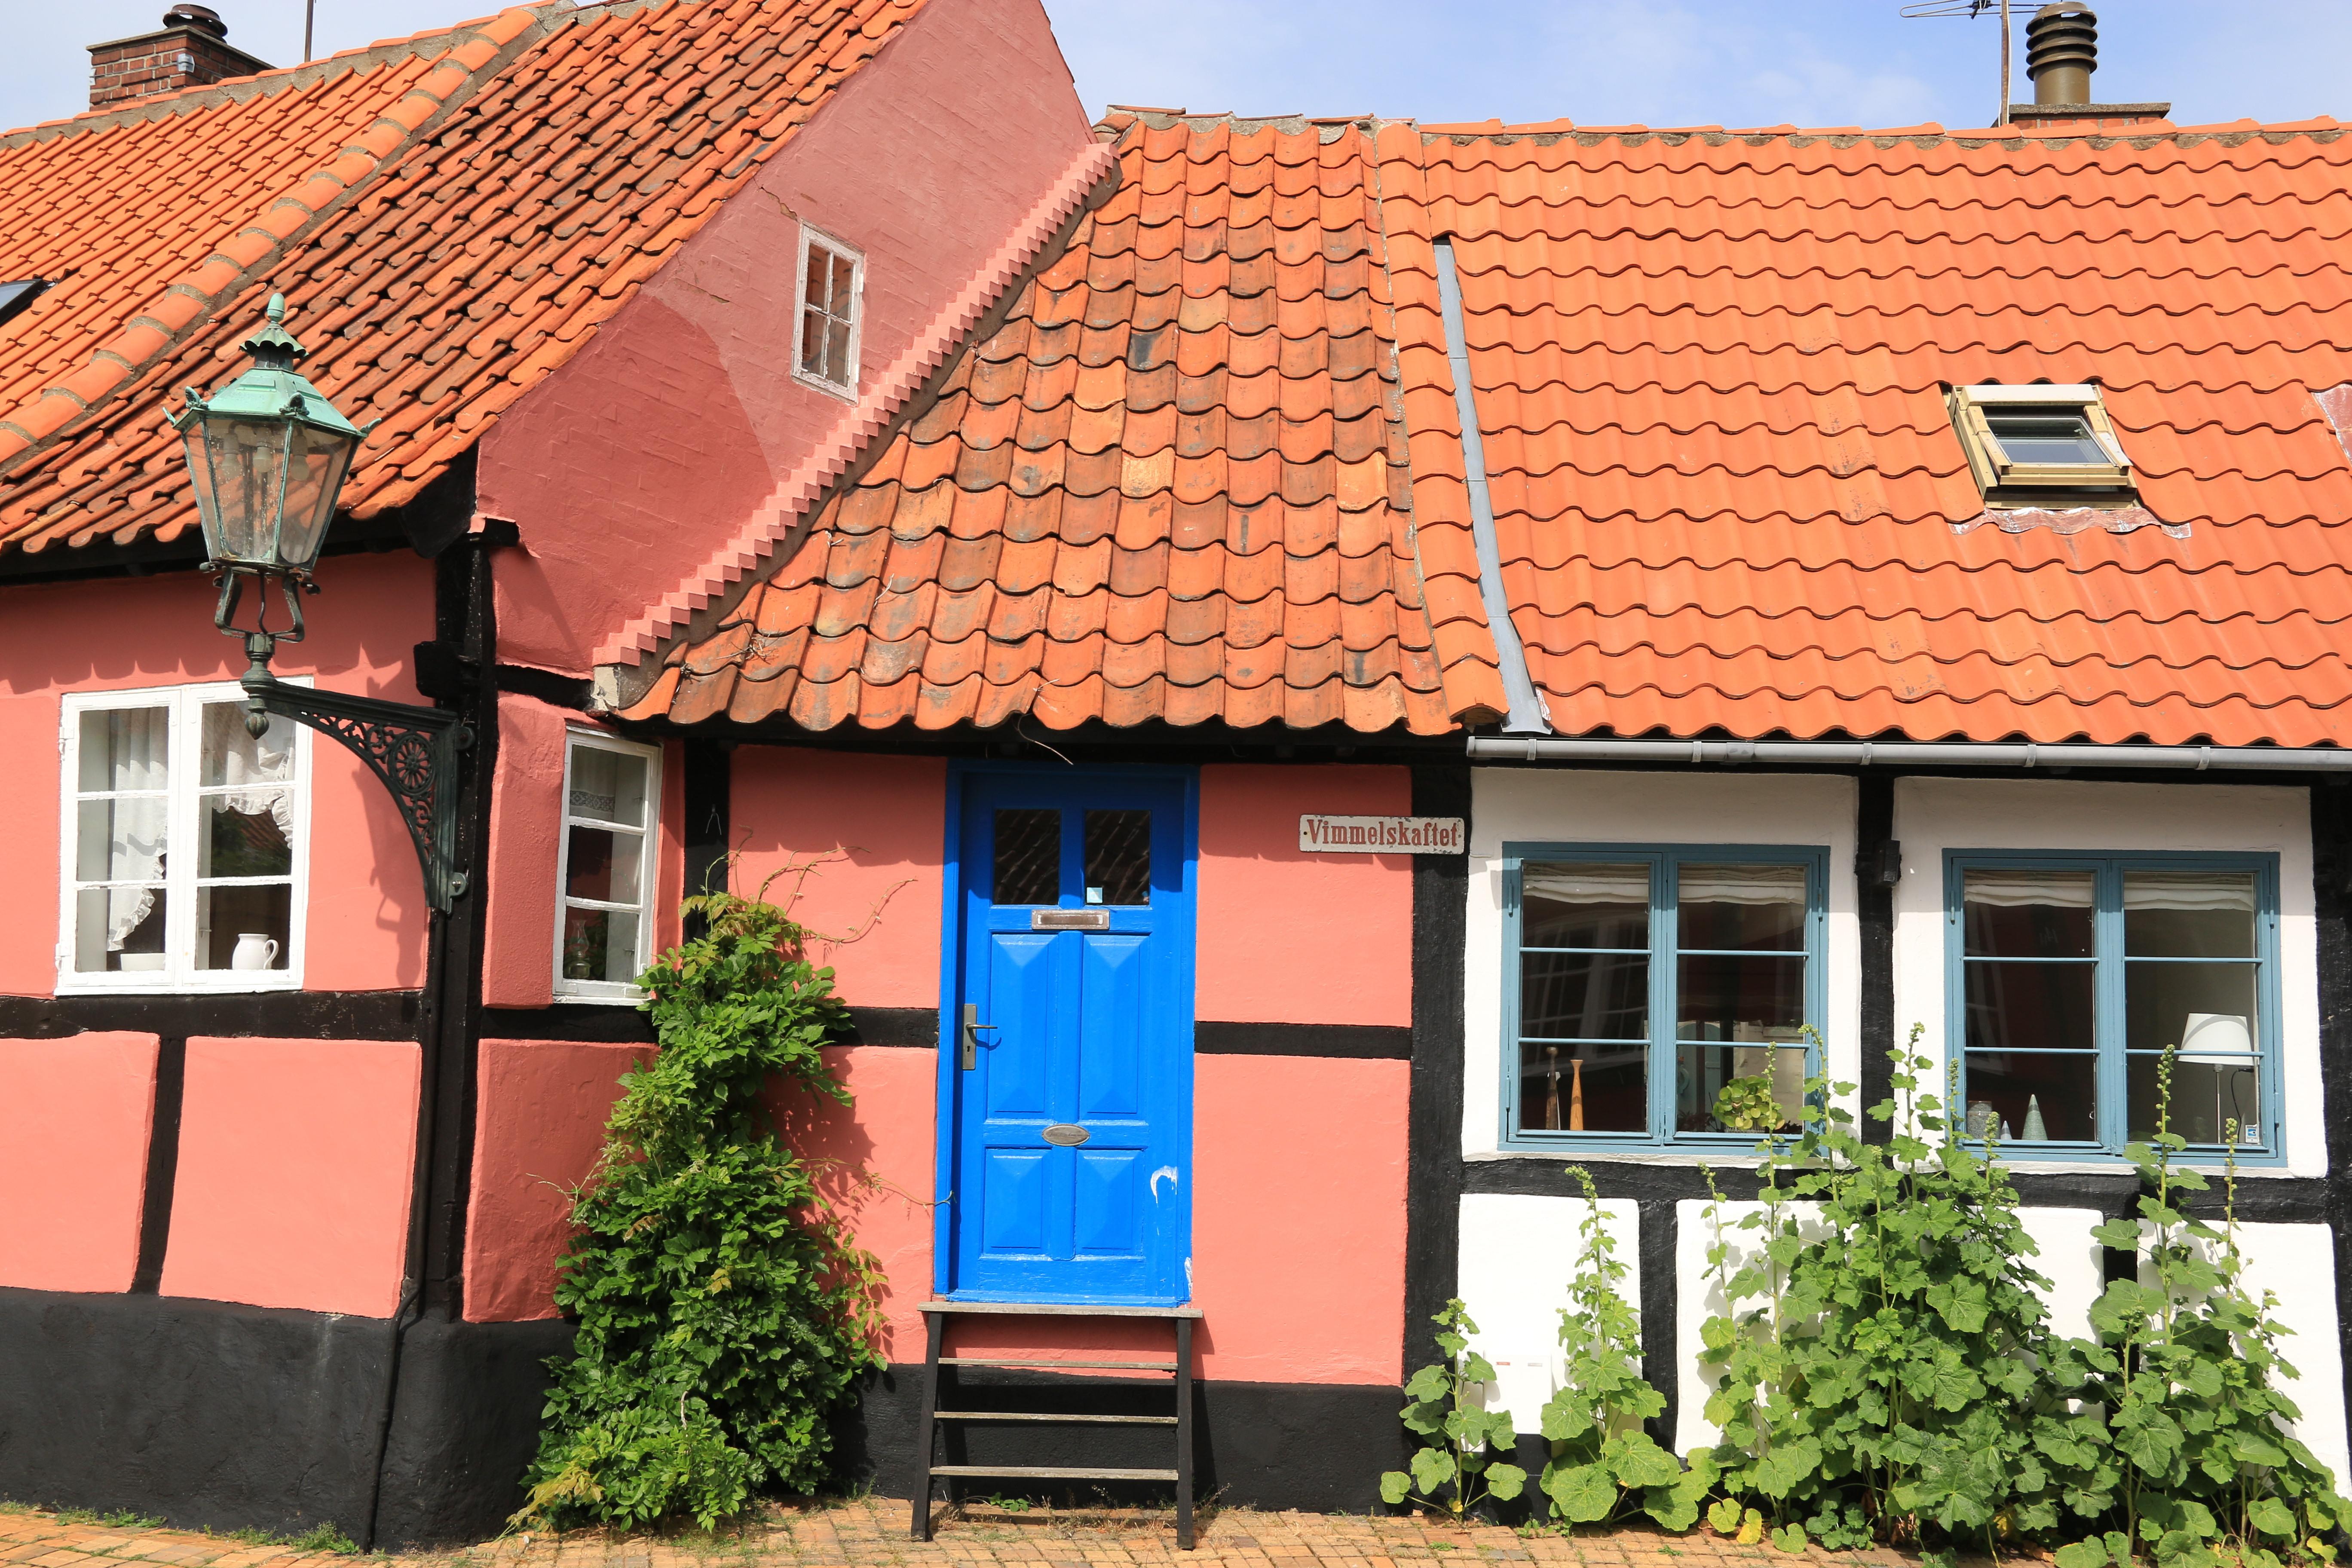 IMG_9347_Leikarringen_Noreg_Bornholm_2019_Rønne_Byvandring_Guiding_Røønes_minste_hus.JPG